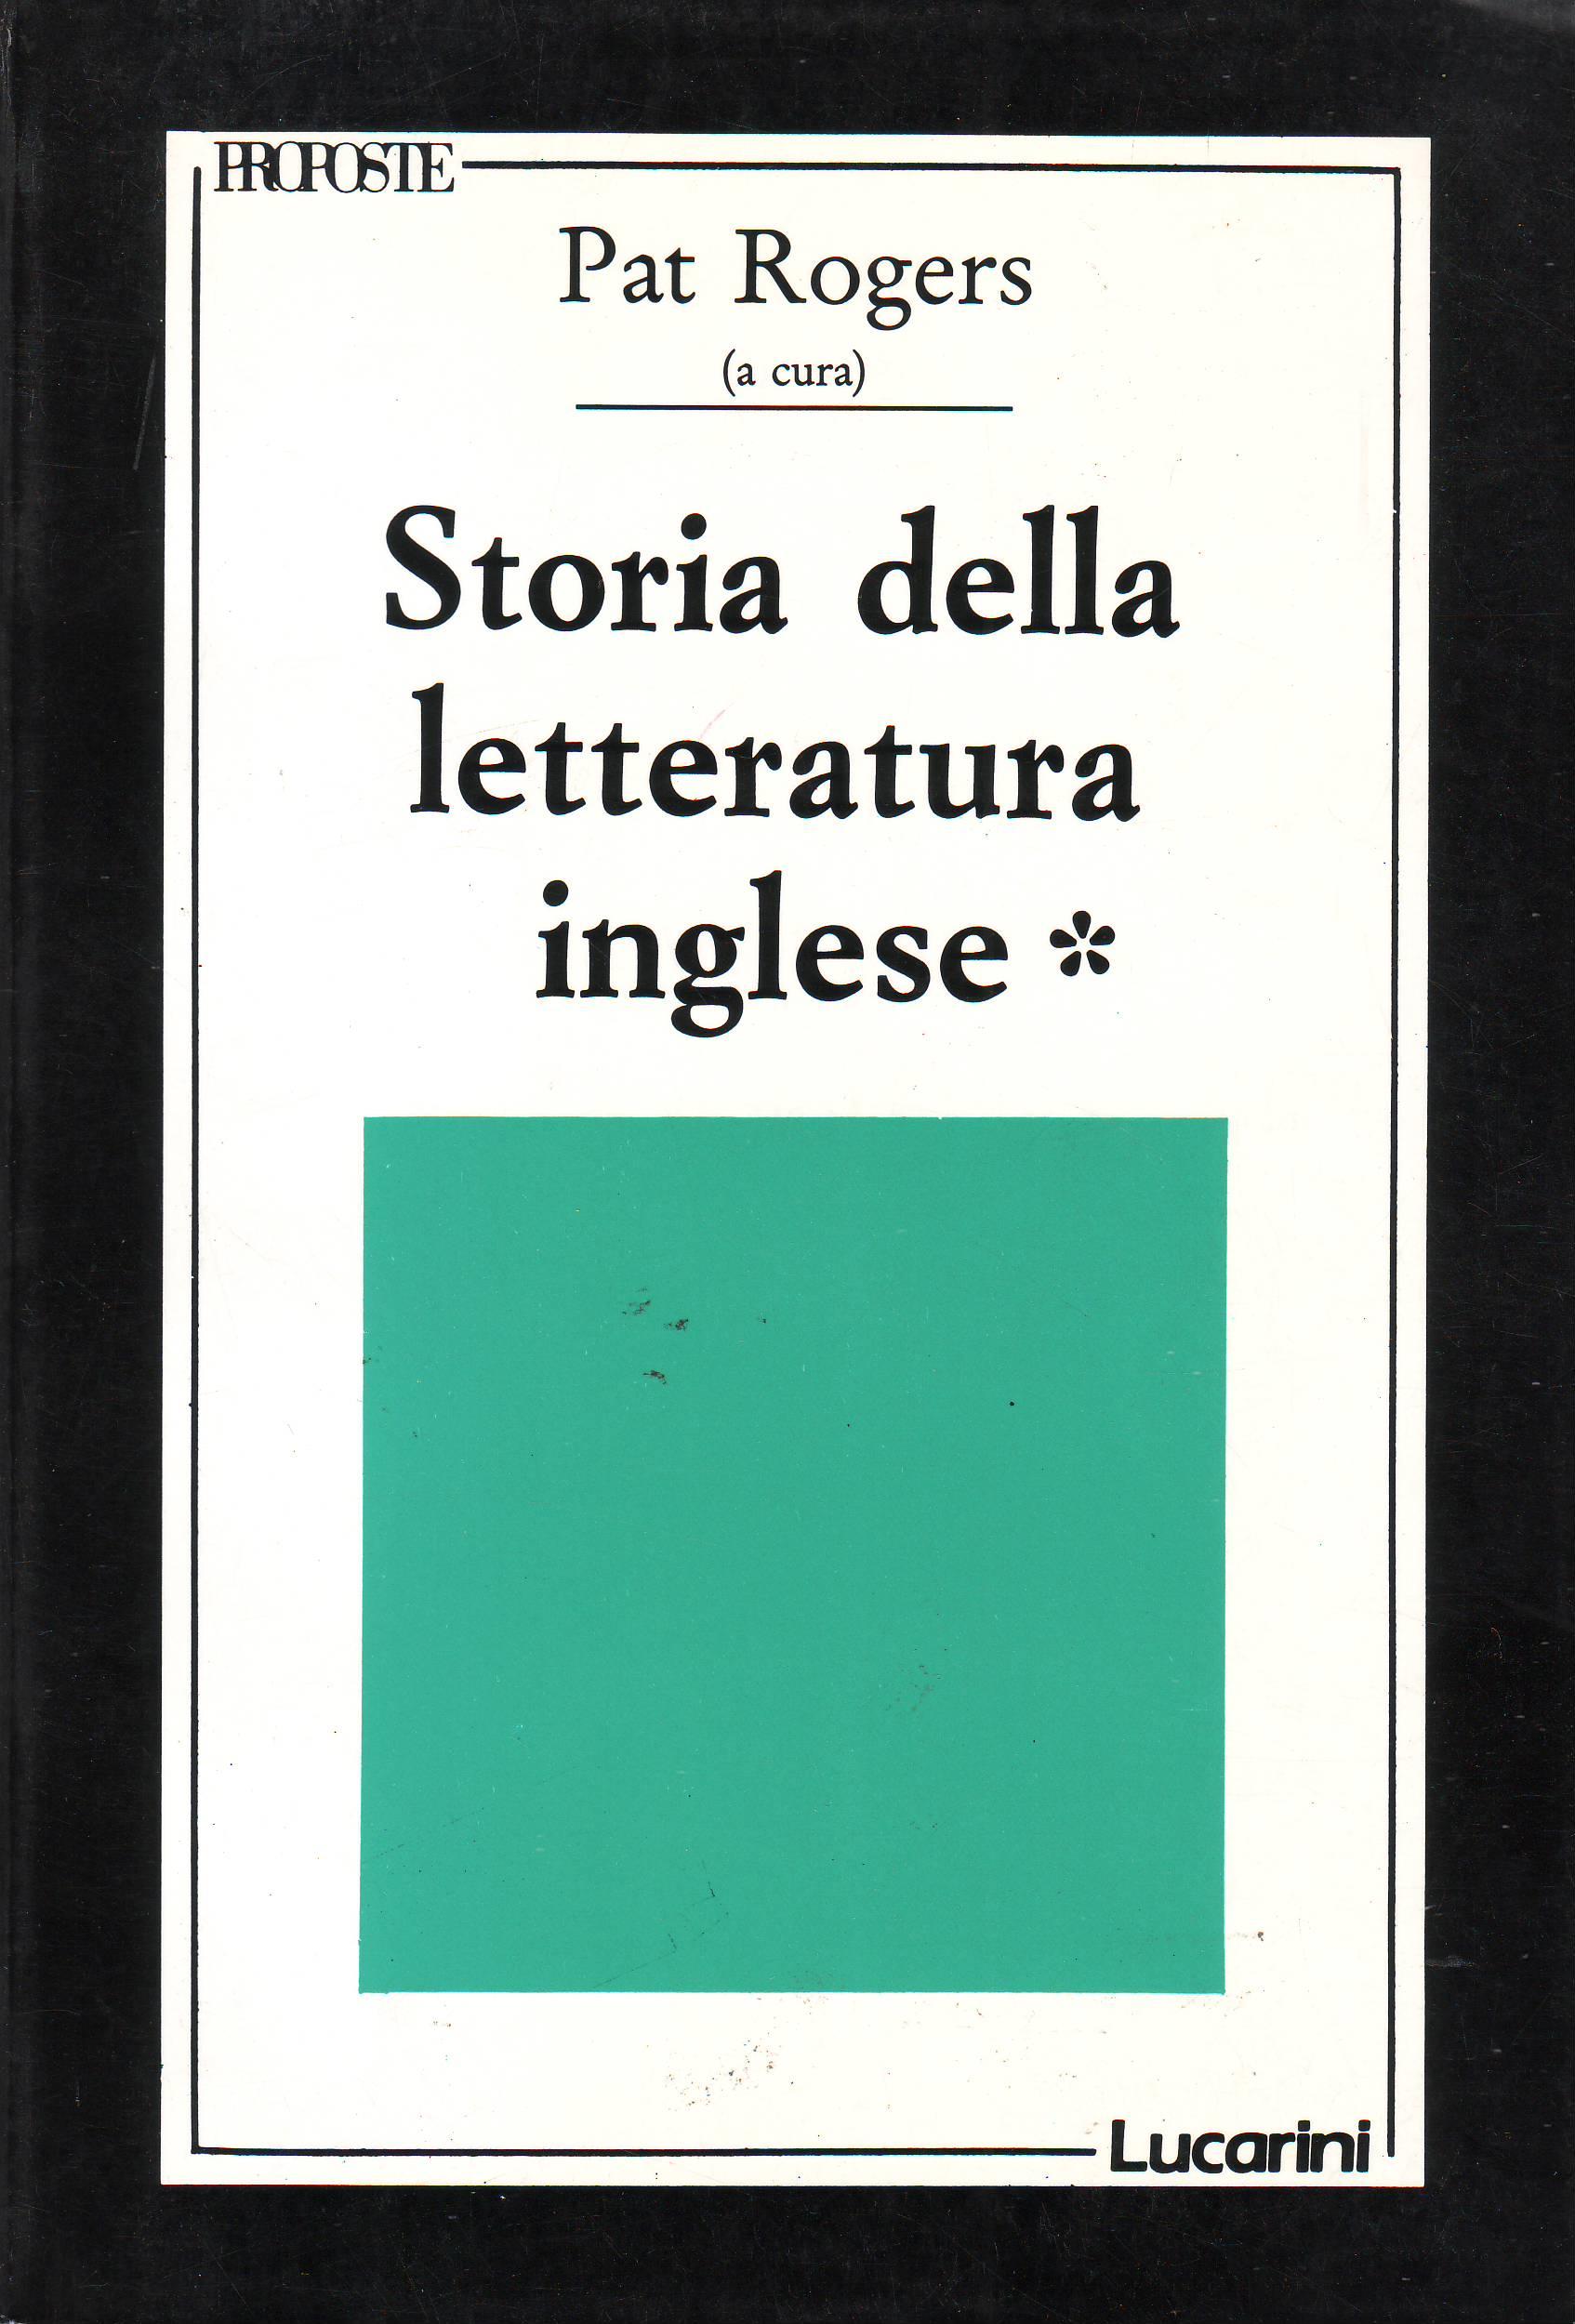 Storia della lettera...